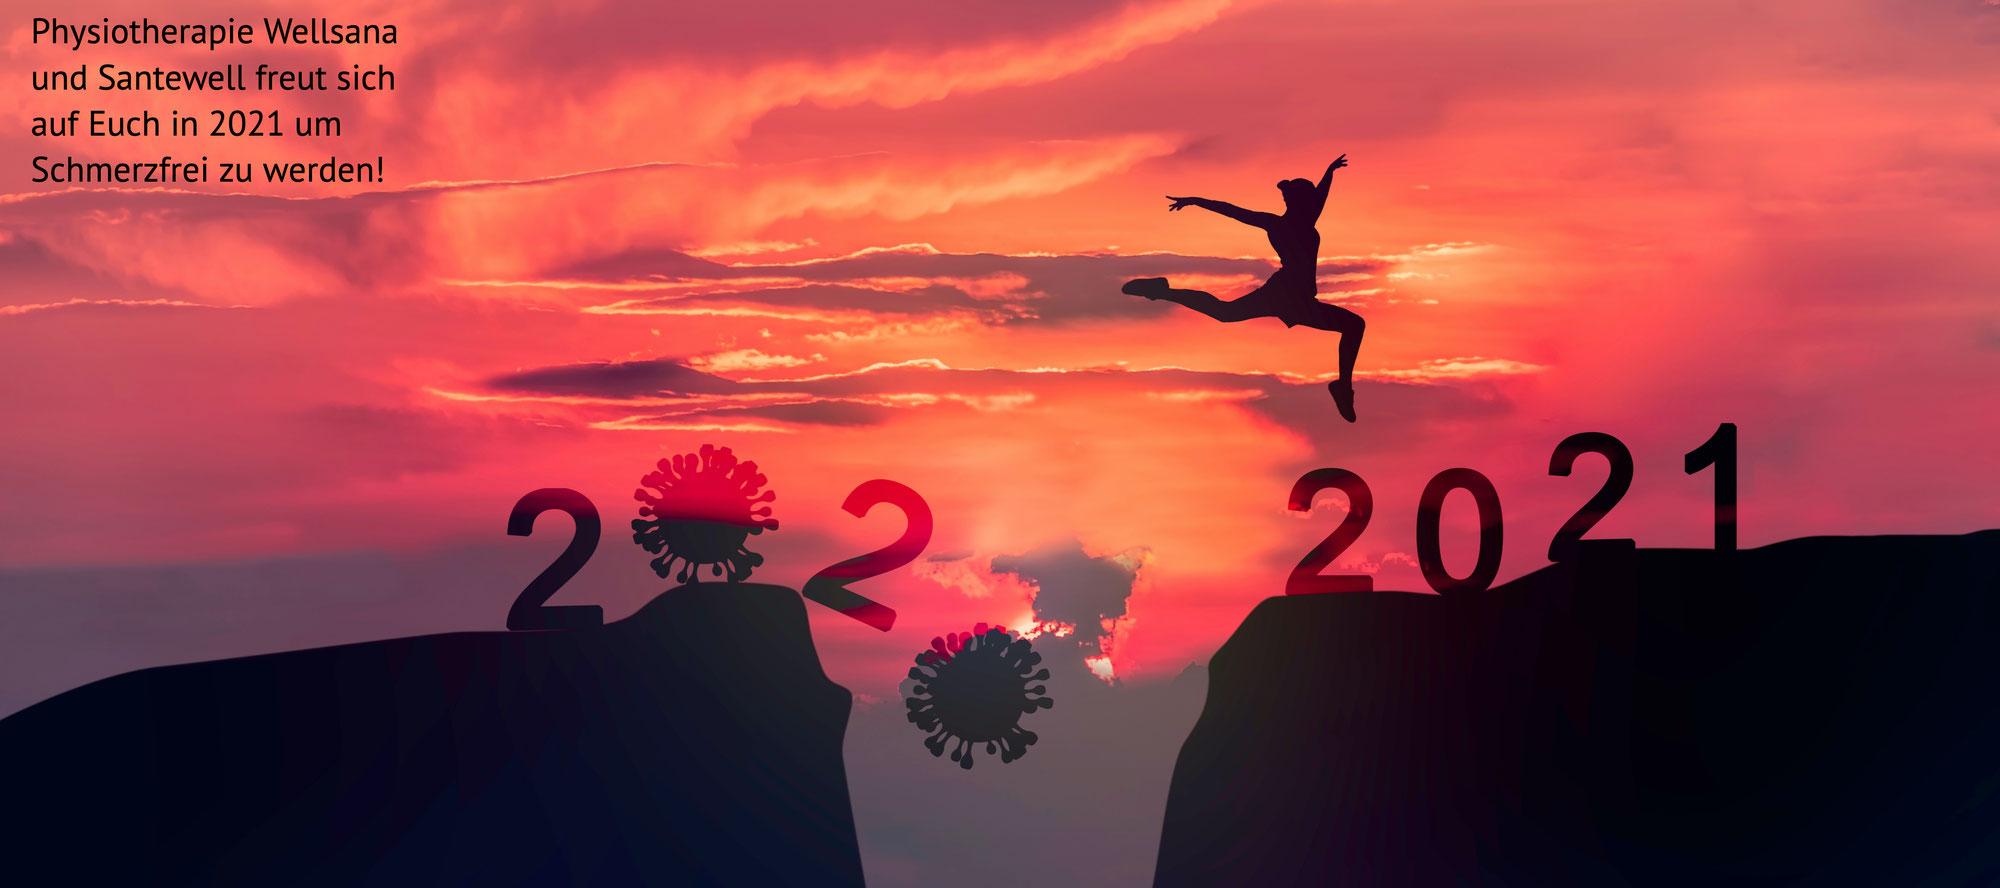 Wir freuen uns auf 2021, Schmerzfrei mit uns!